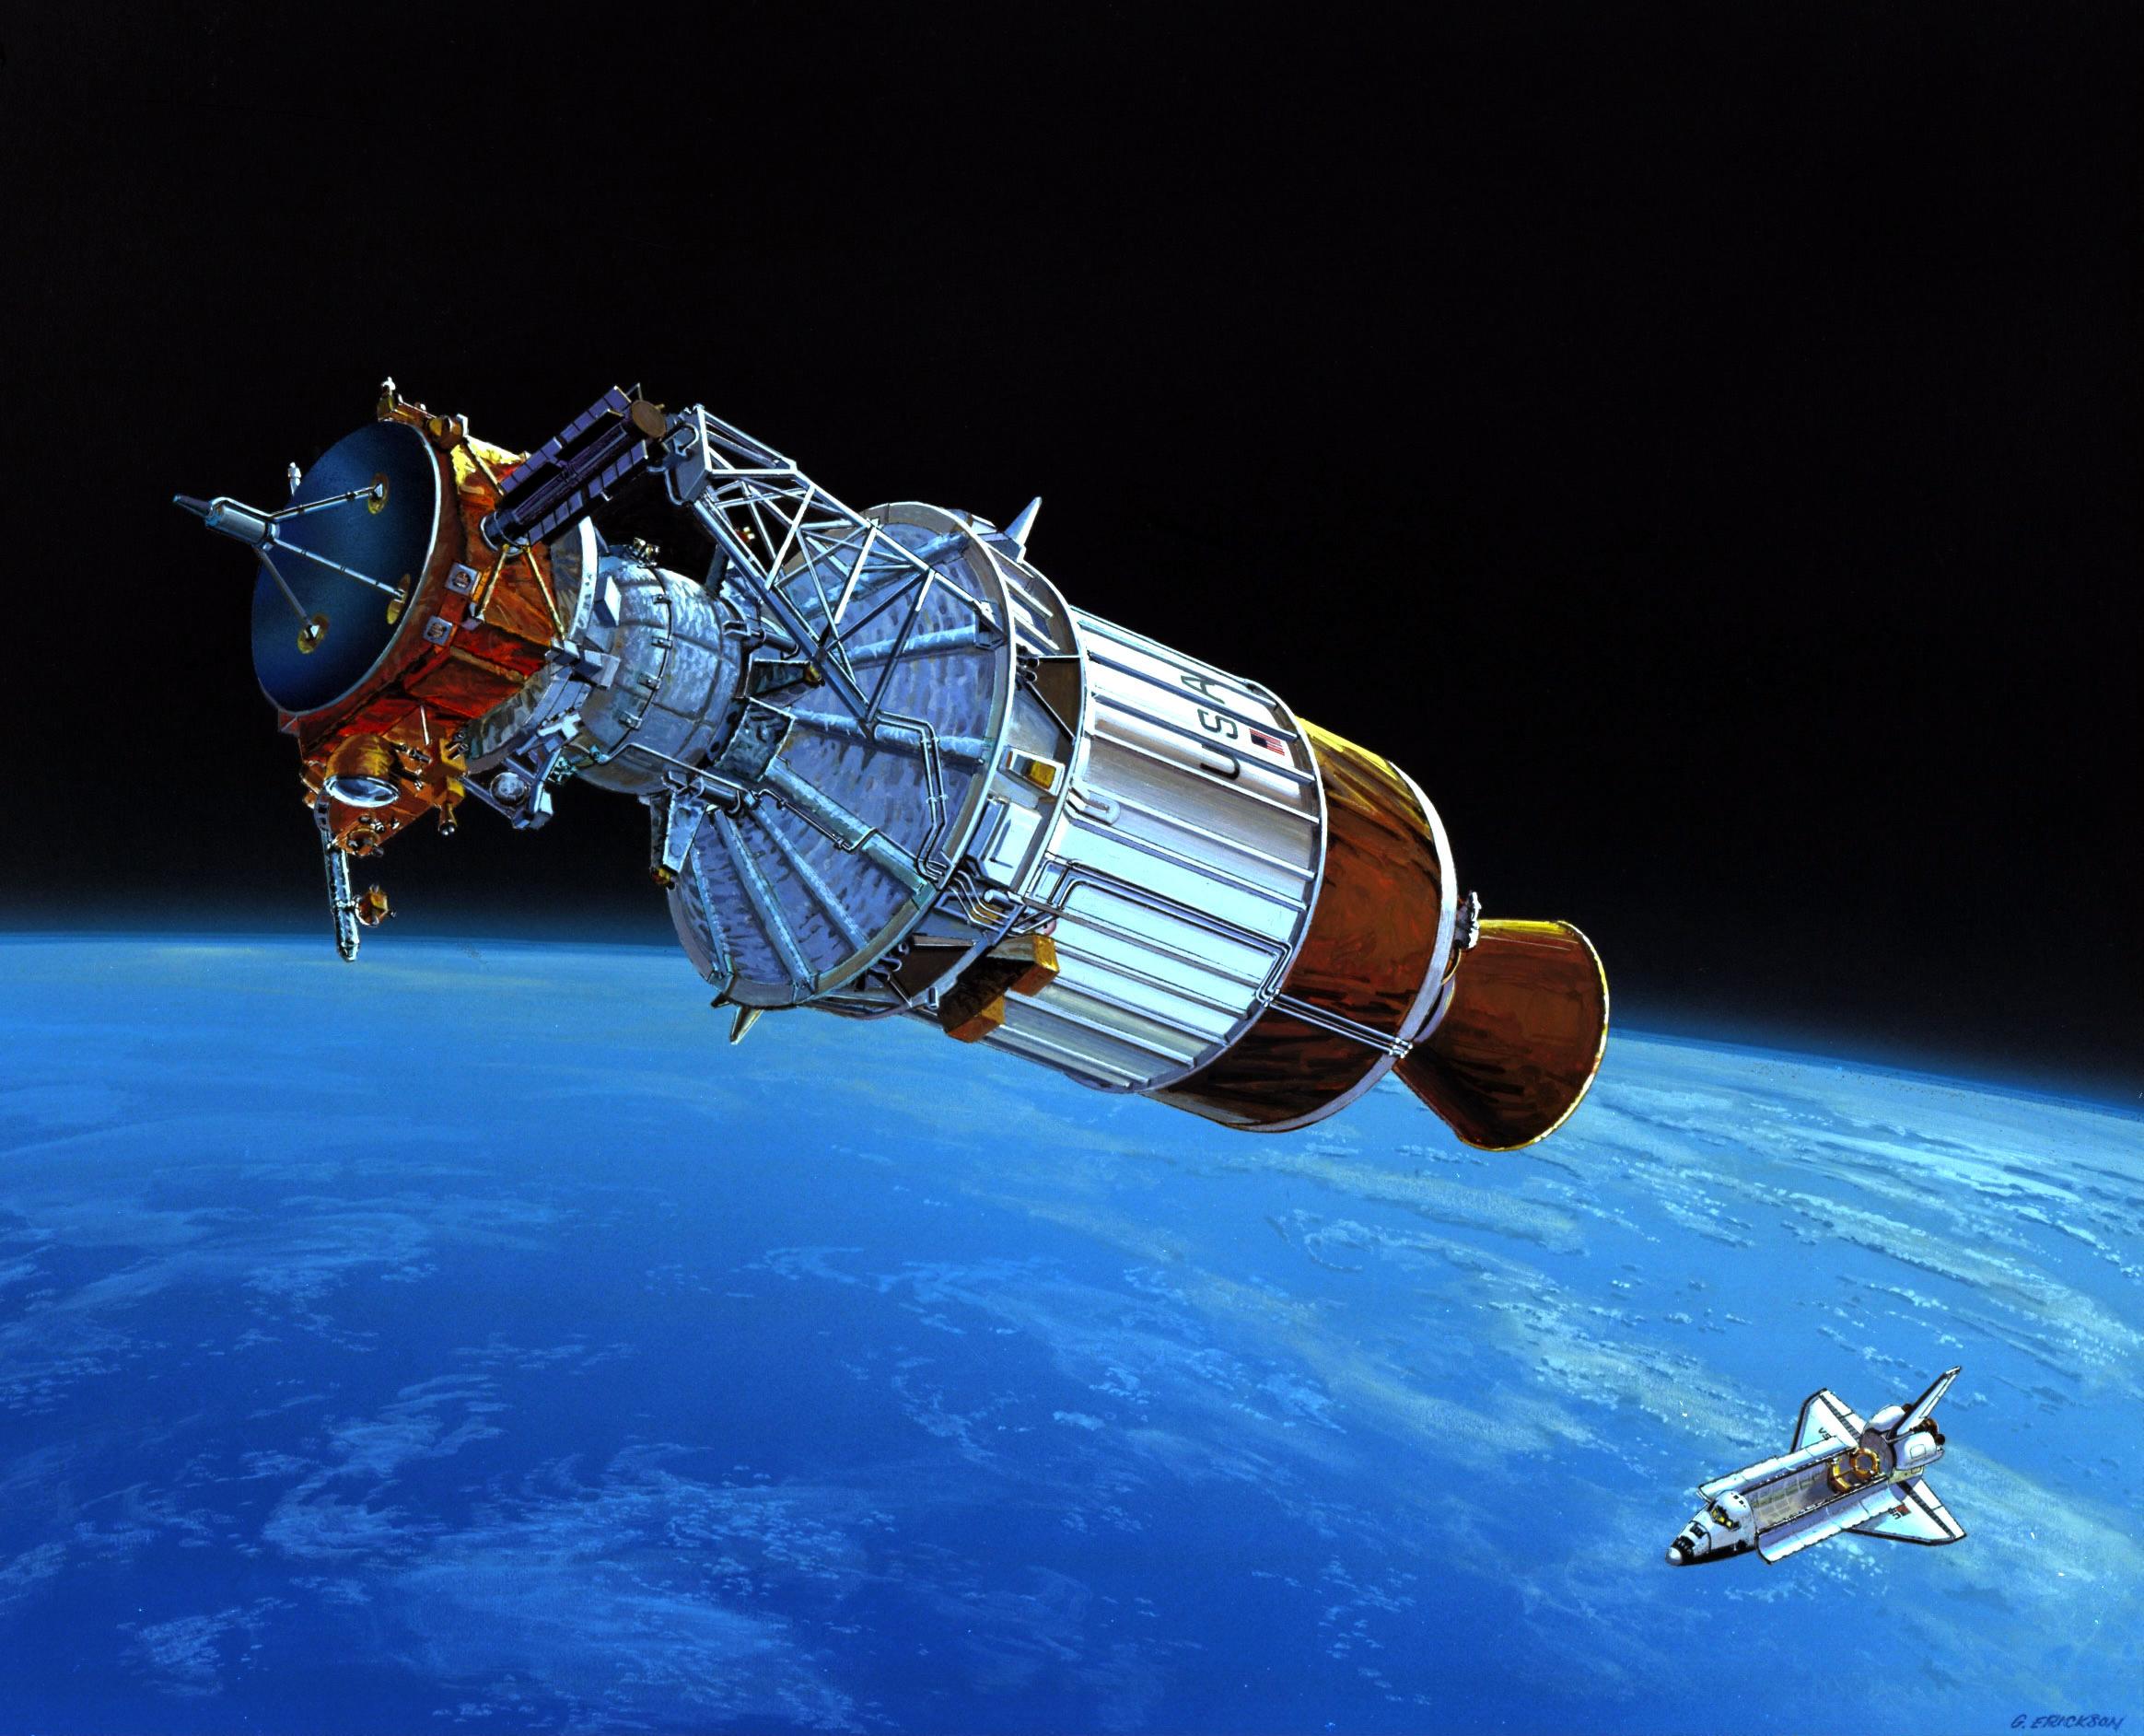 Ariane Flight VA240  Arianespace